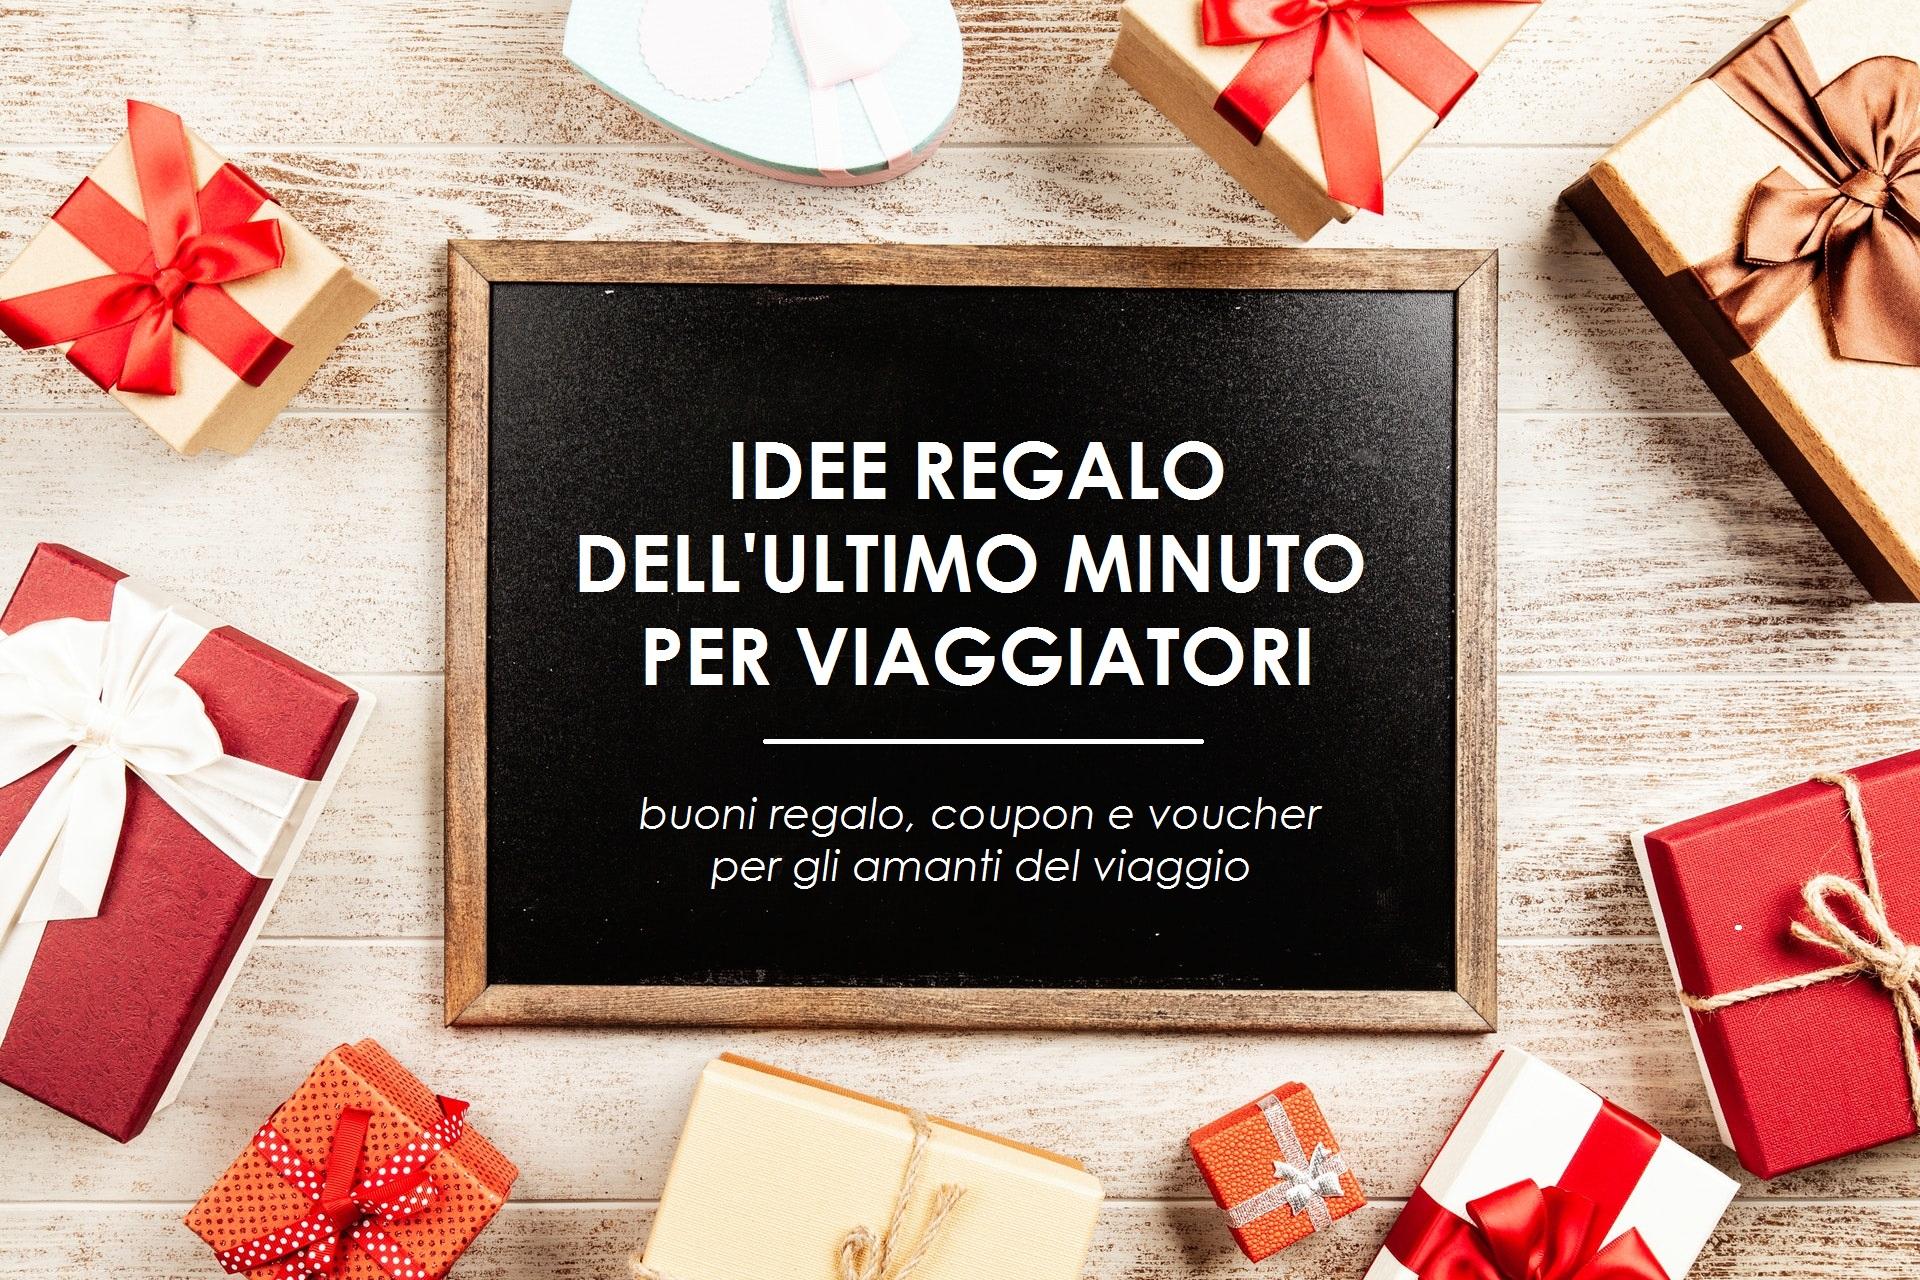 buoni regalo coupon per viaggiatori regalo last minute